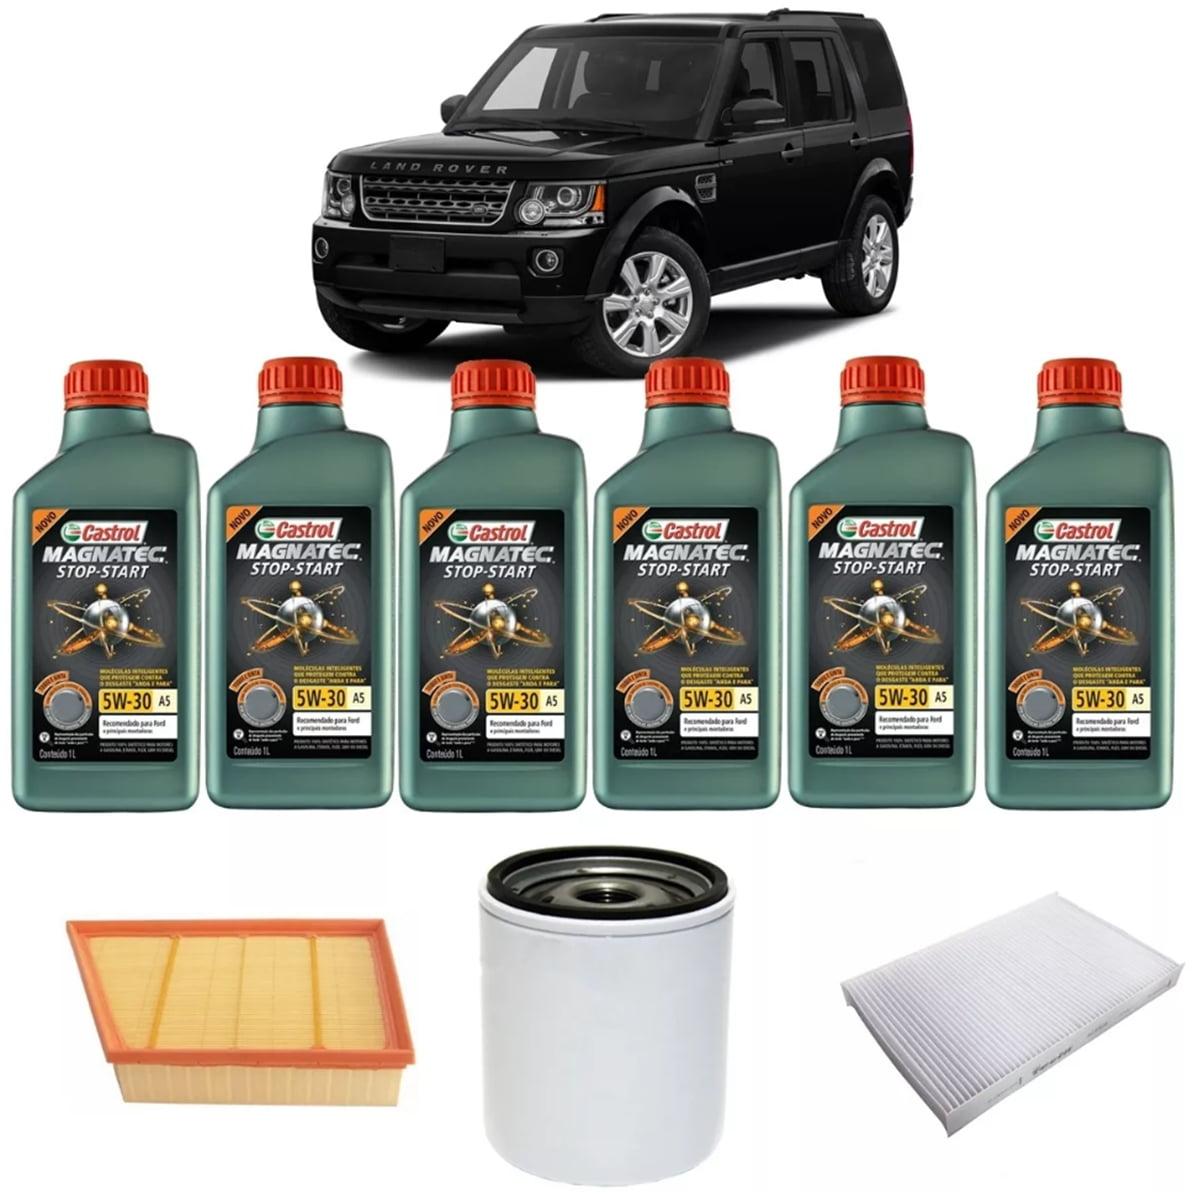 Troca de Oleo Land Rover Evoque 2.0 Castrol Magnatec 5w30 1lt em até 6x sem juros